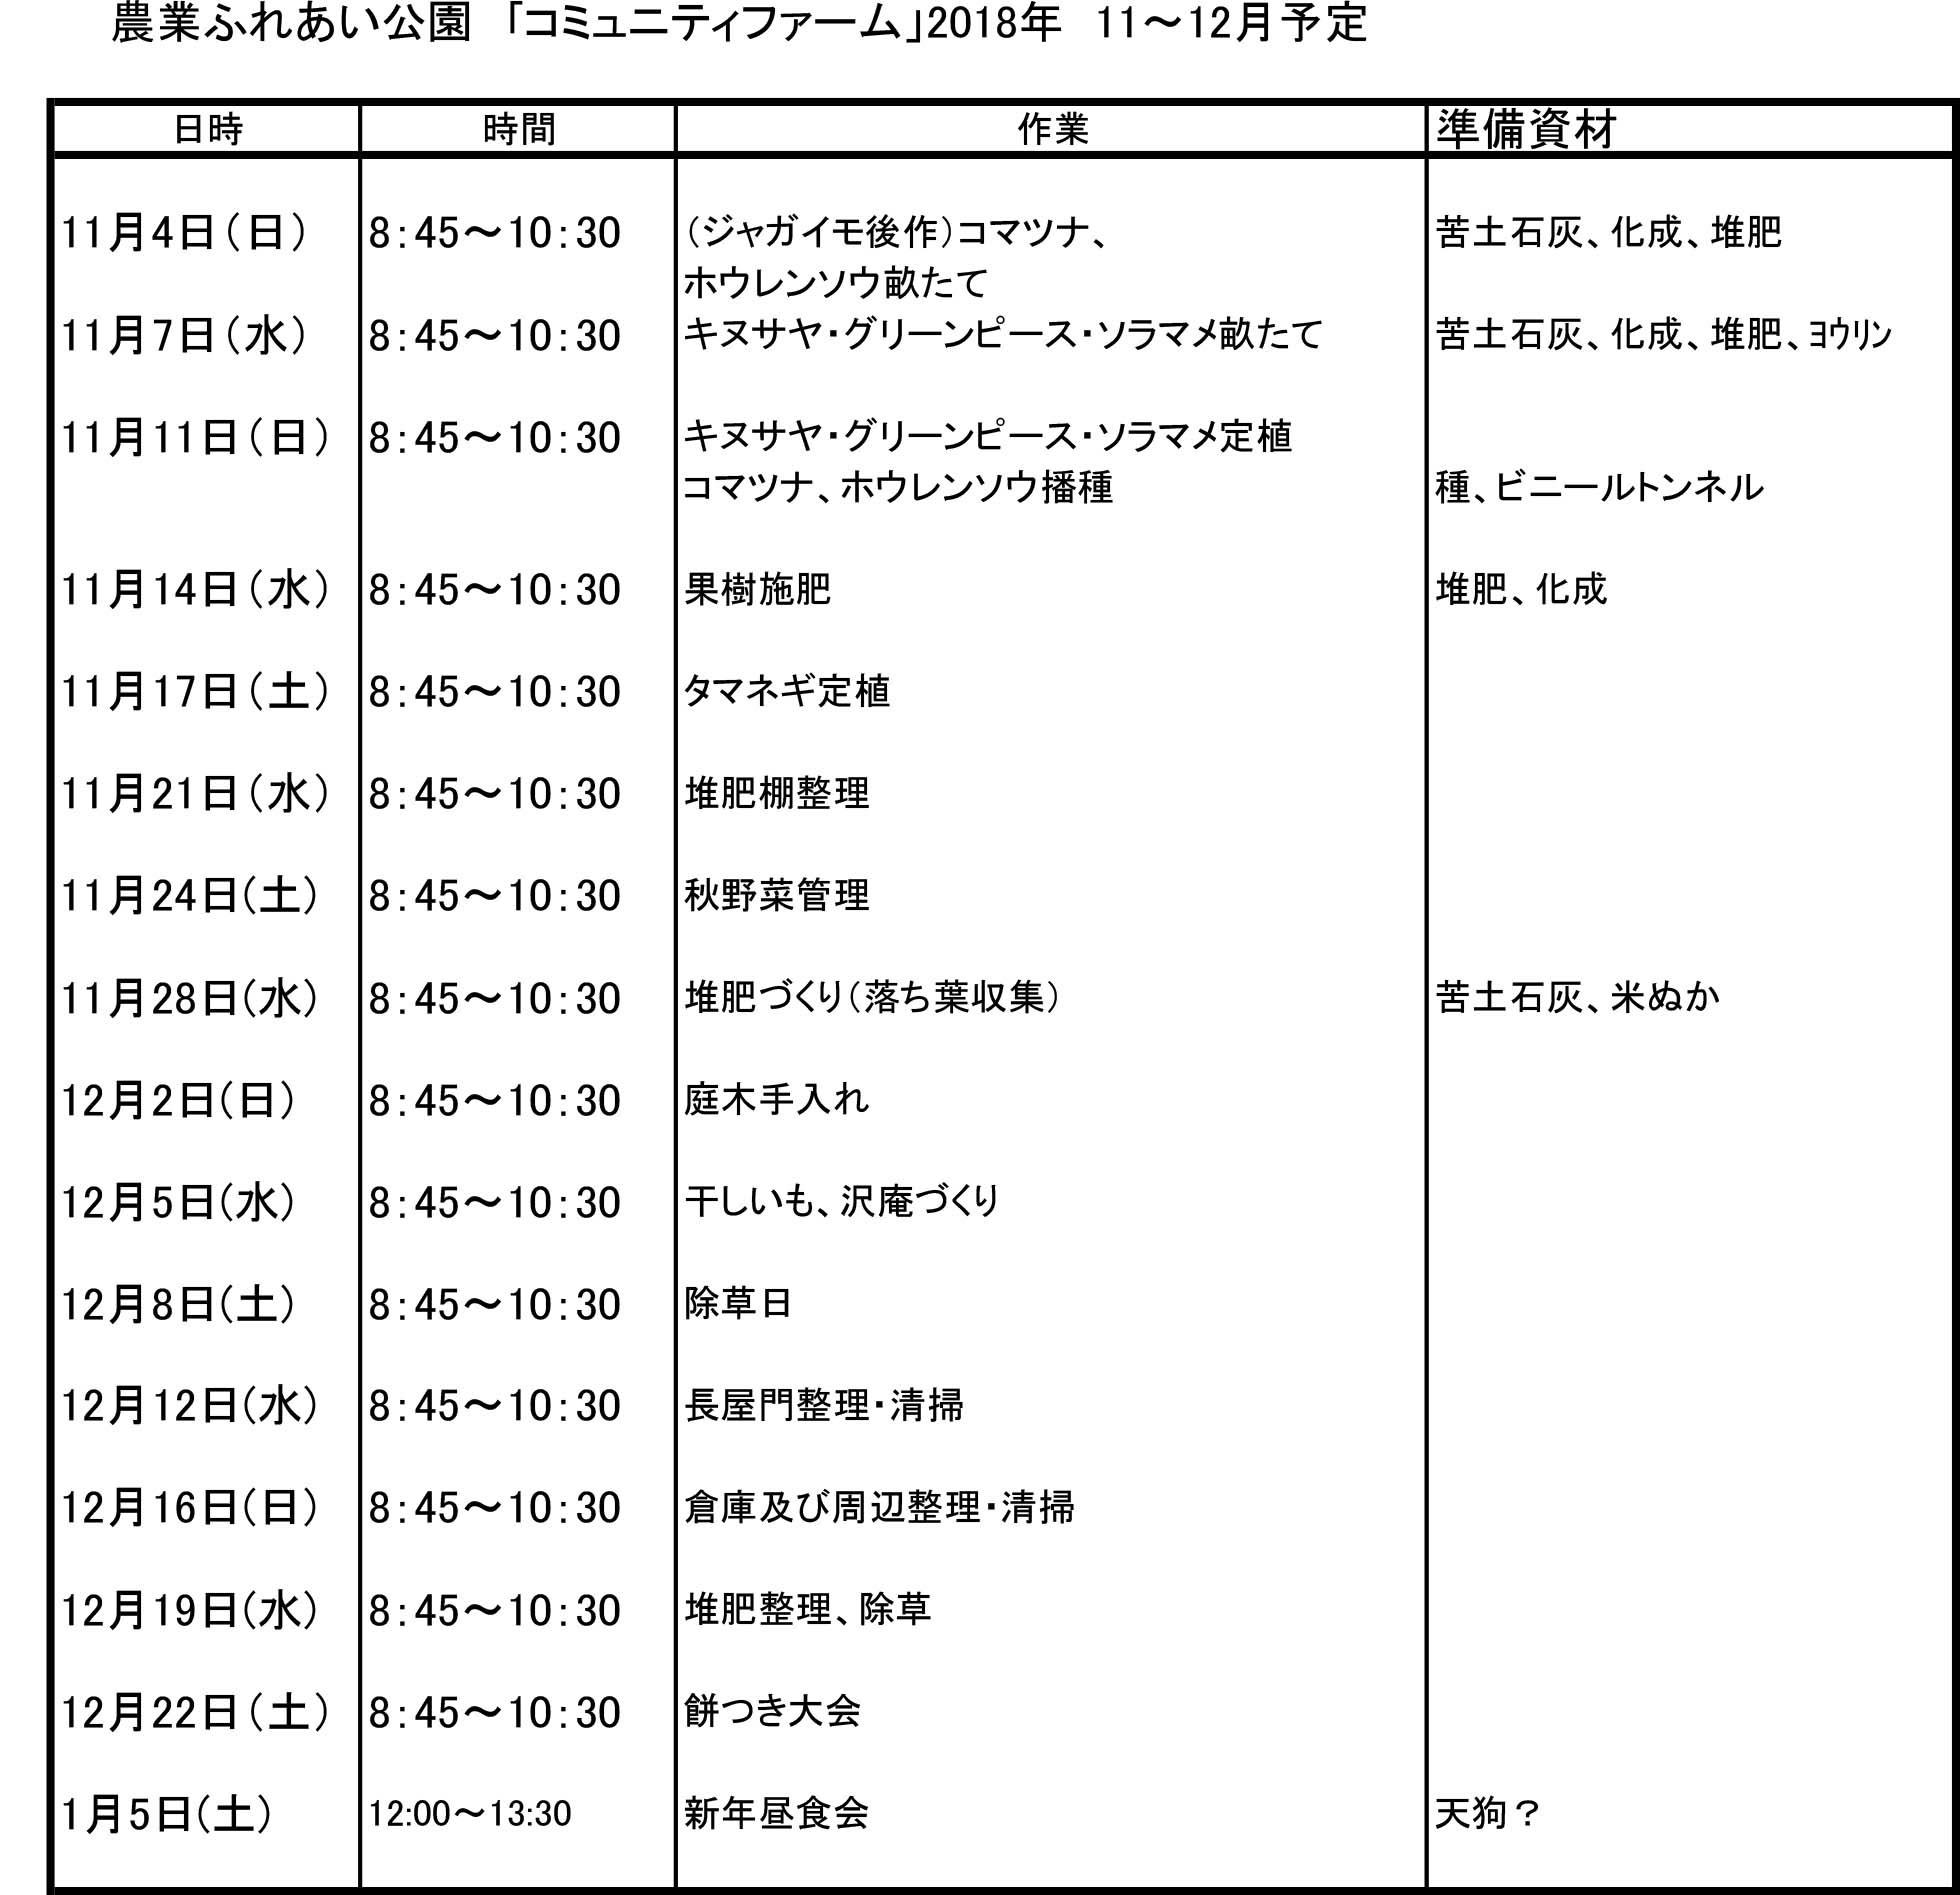 2018.11~12作業予定